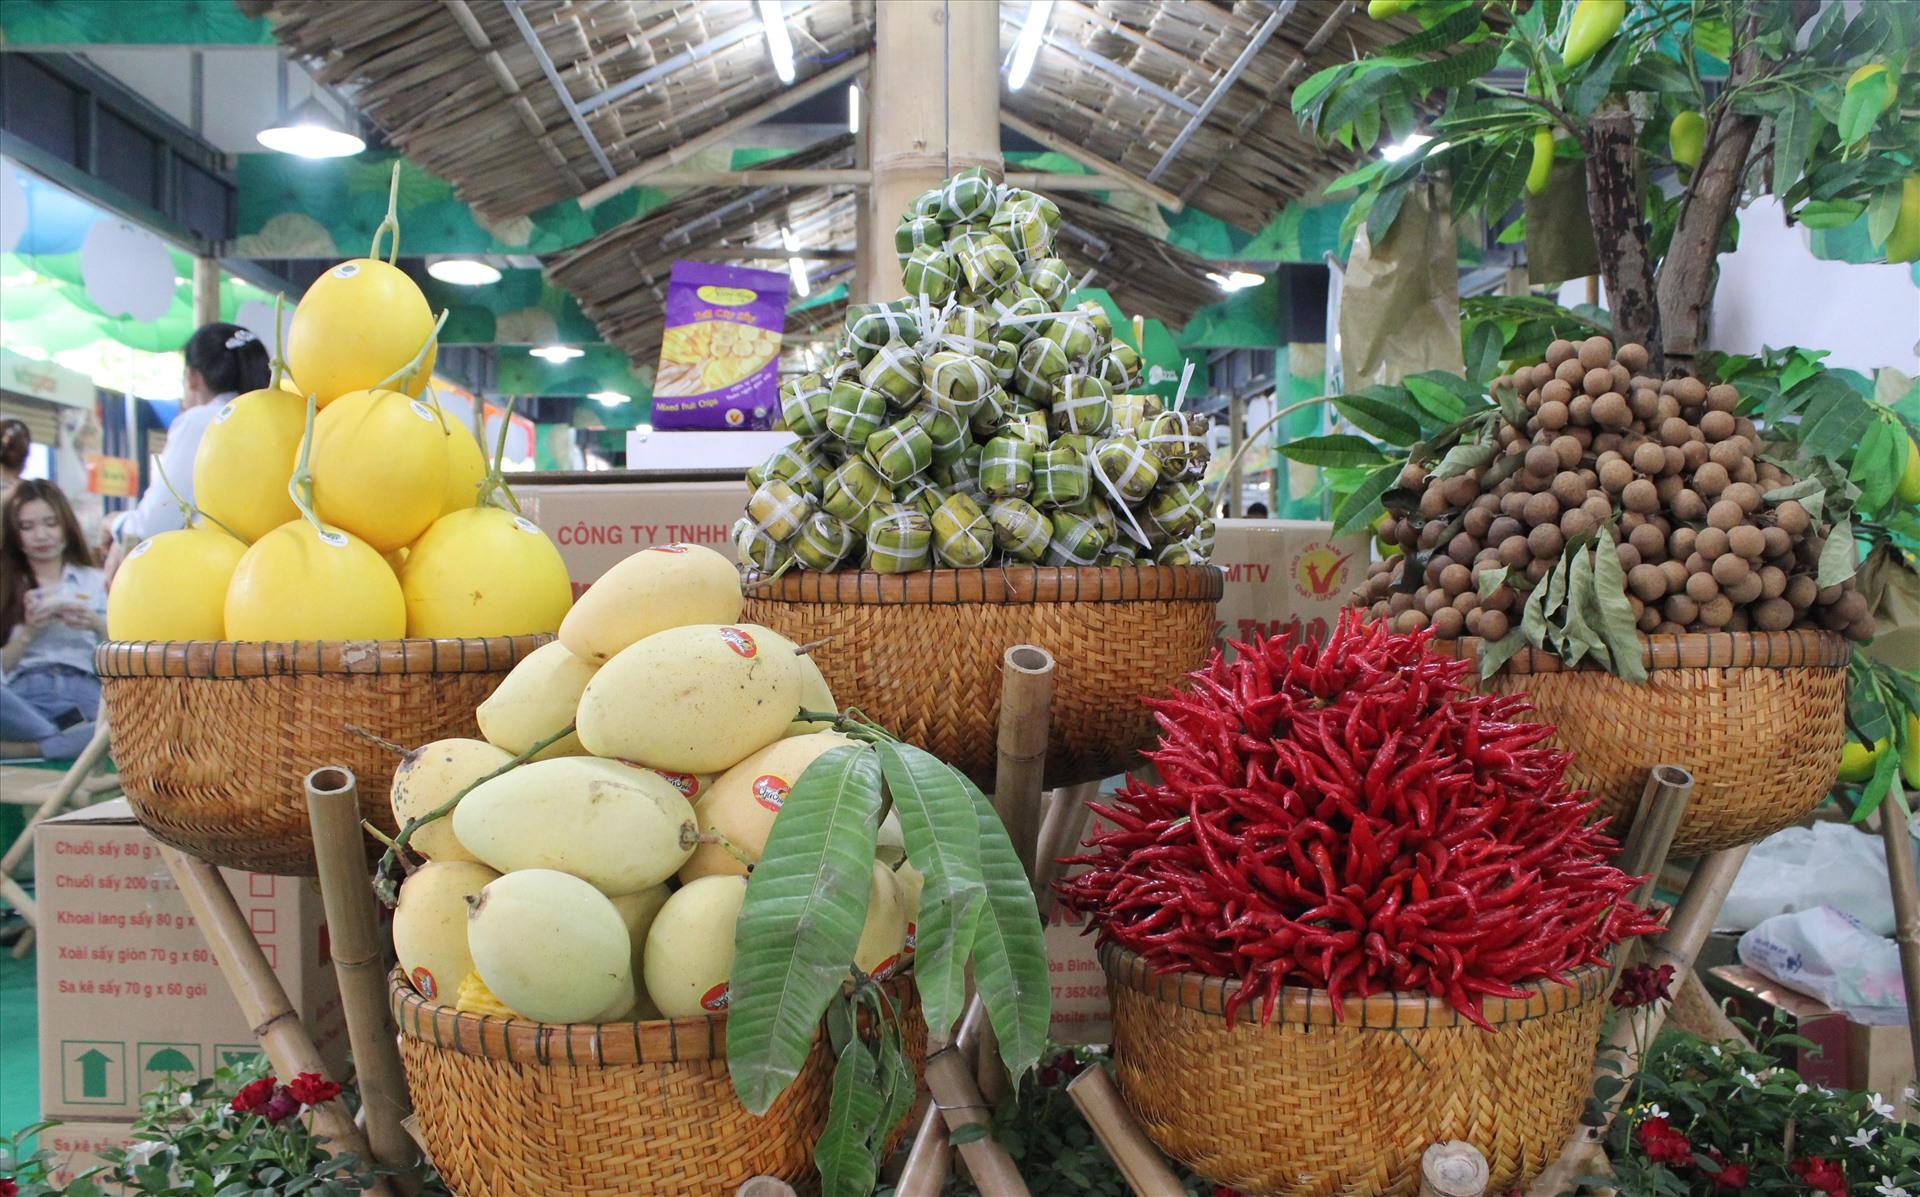 Ngoài các mặt hàng gia dụng, mỹ nghệ, quần áo... thì trái cây đến từ các tỉnh miền tây với giá ưu đãi cũng được bày bán.